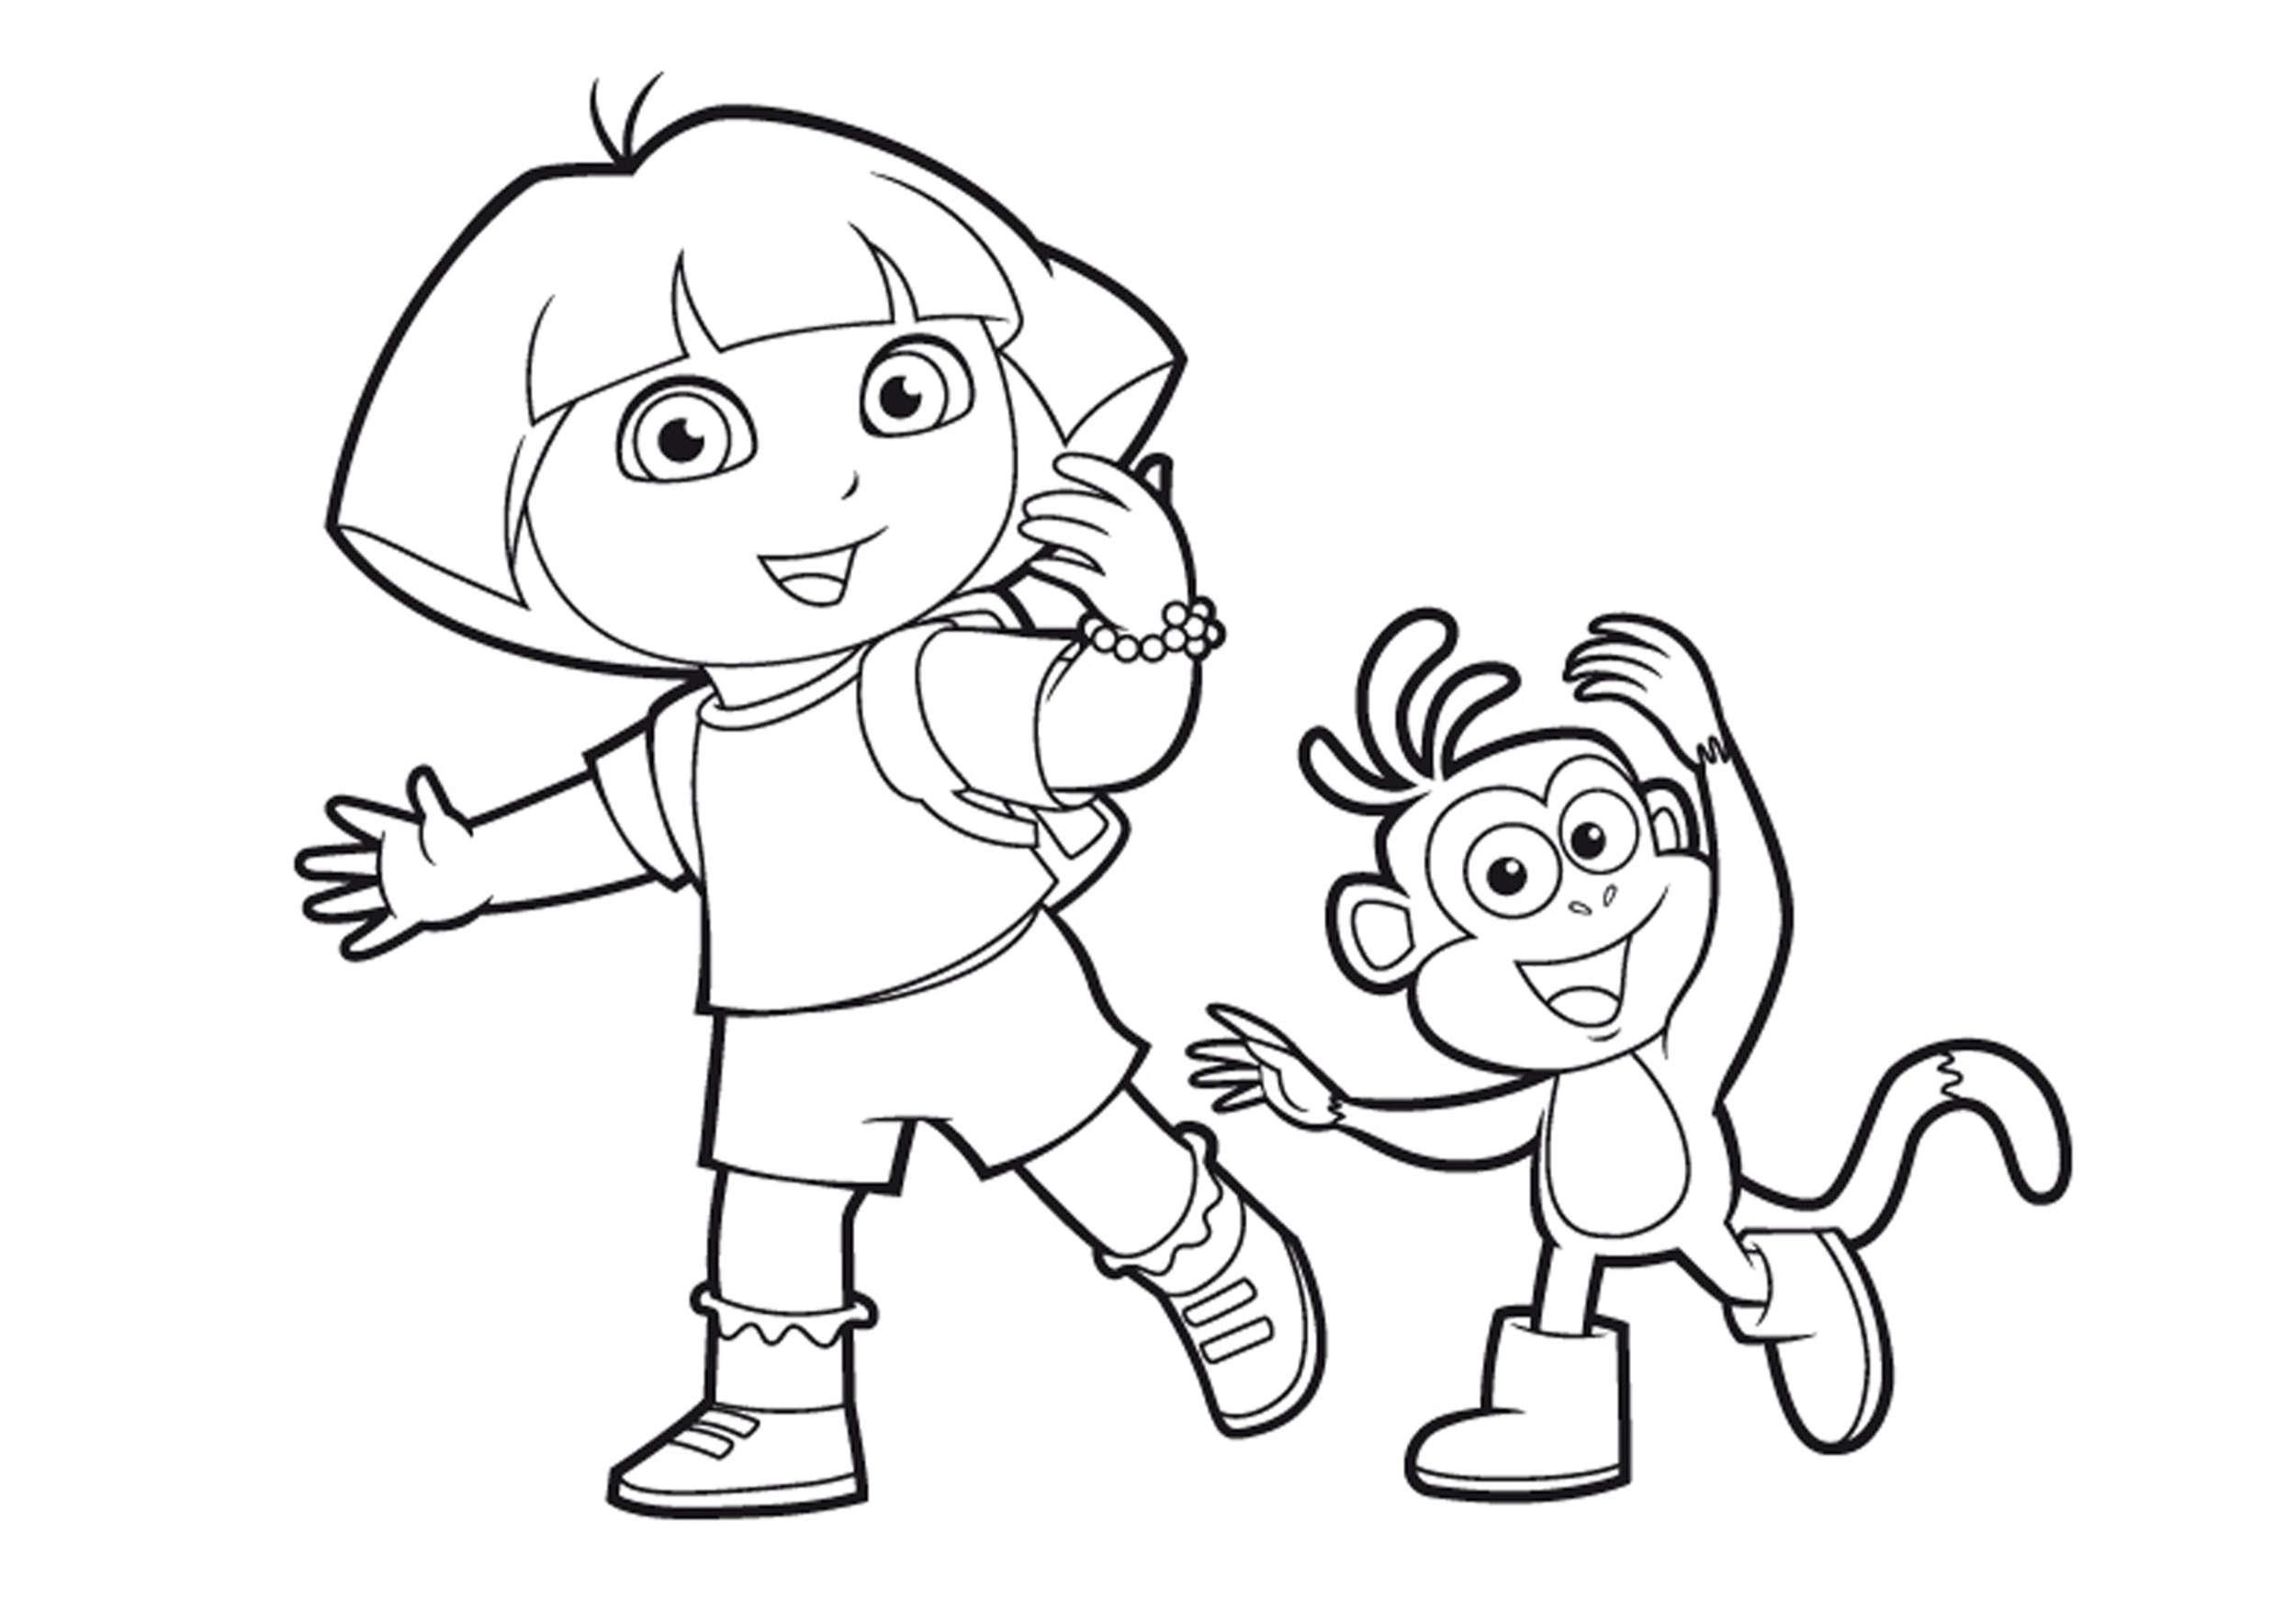 Pourquoi Les Enfants Doivent Colorier à Dessin A Colorier Dora Gratuit A Imprimer